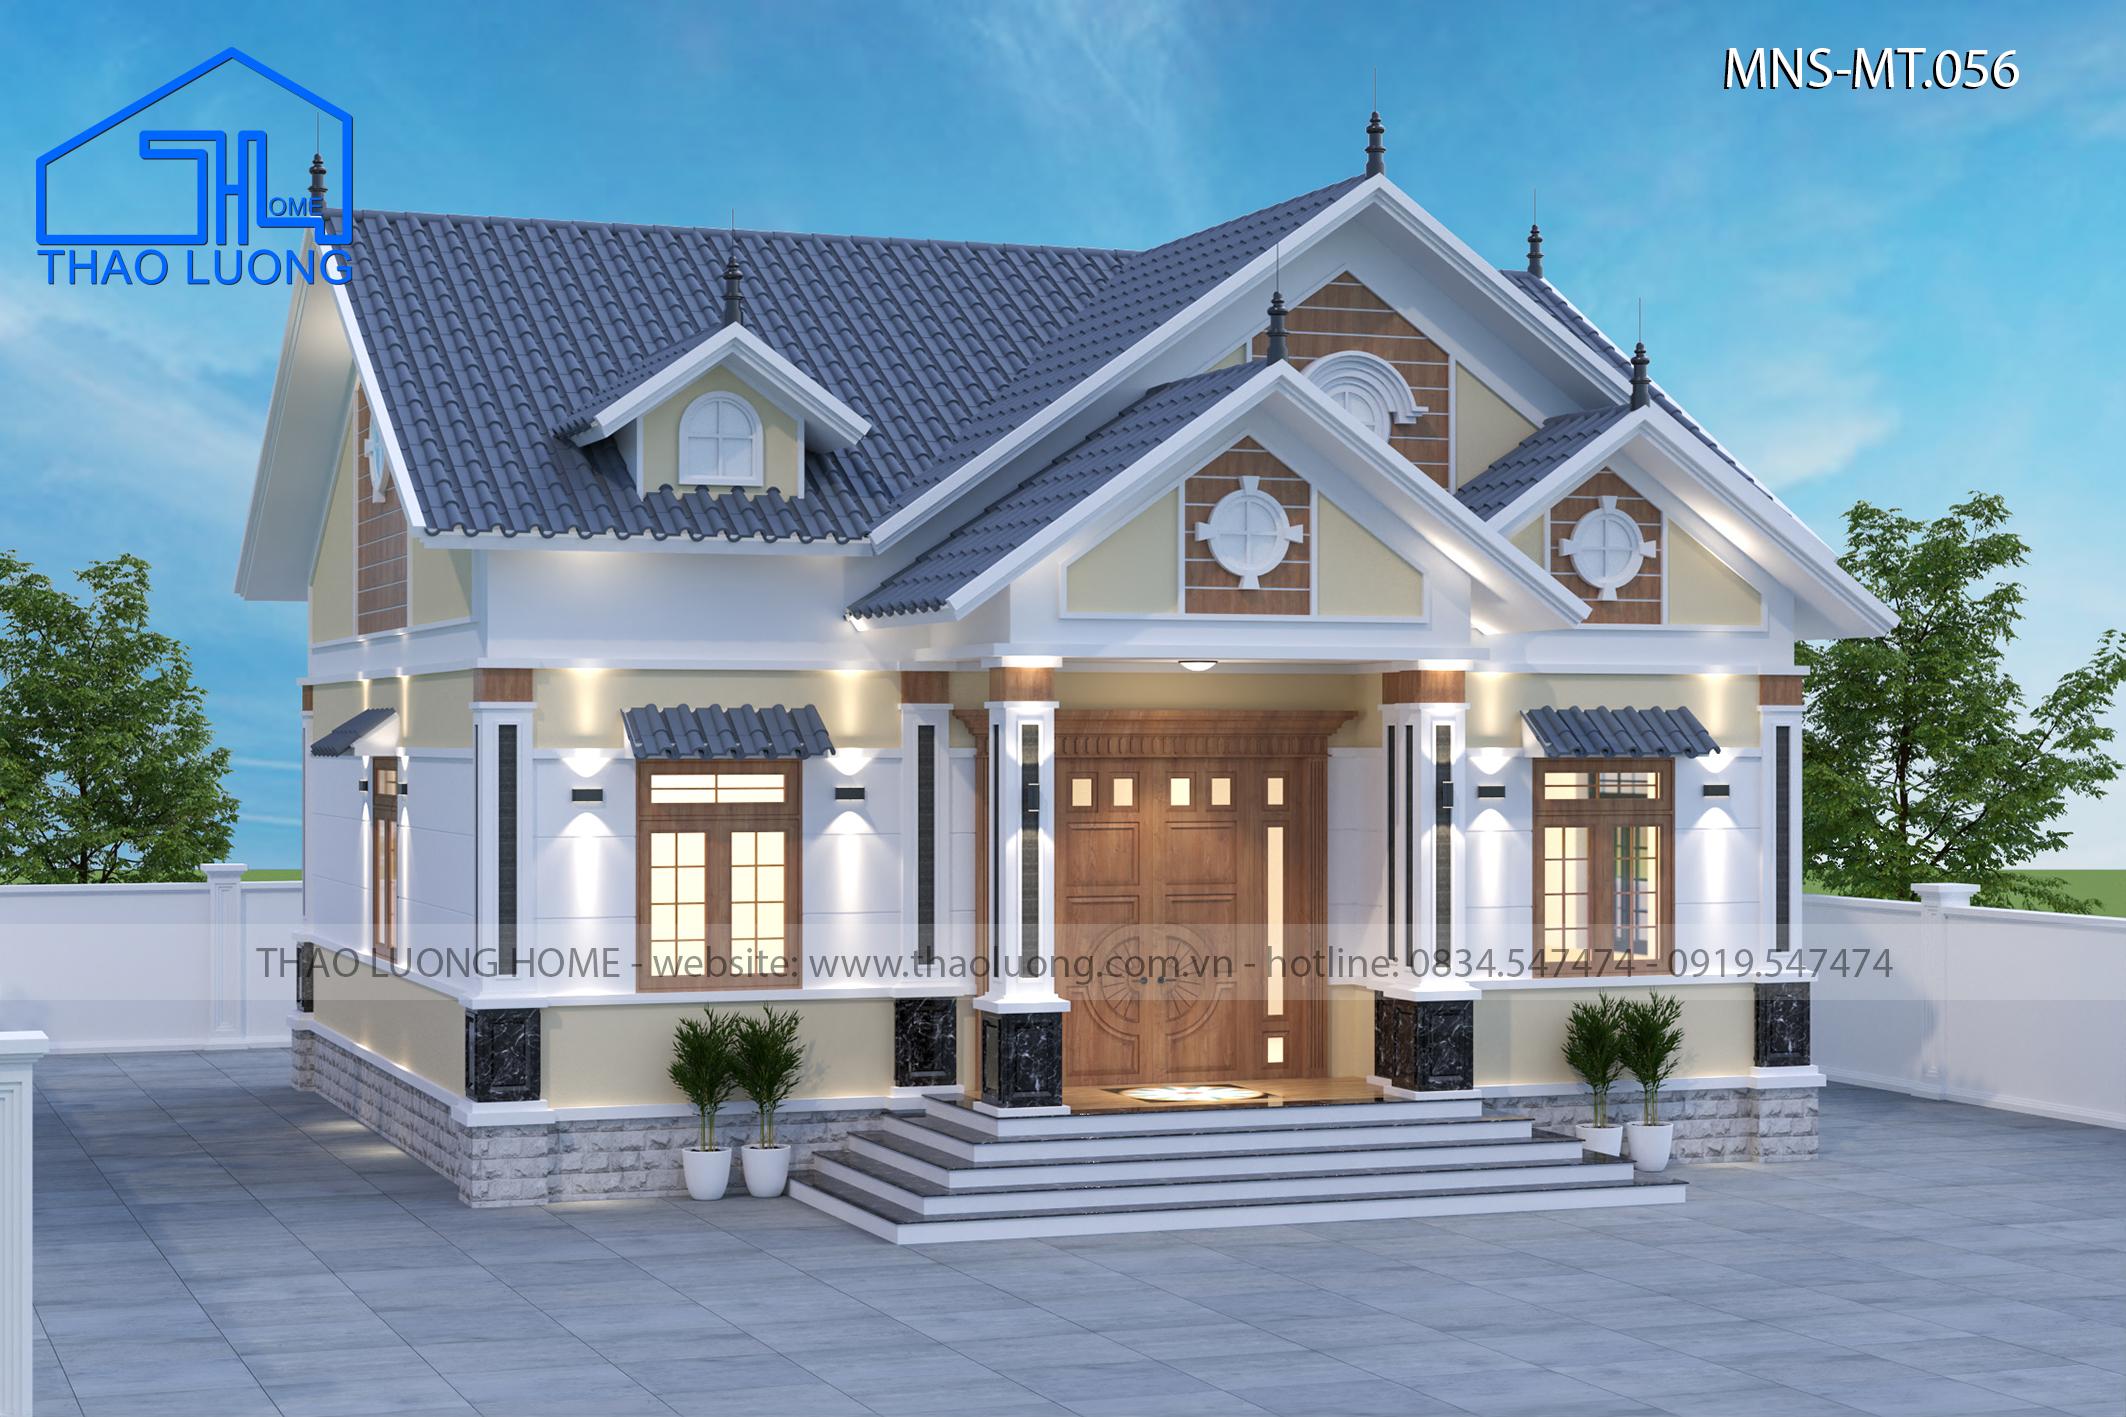 Nhà mái Thái 1 tầng MT 056